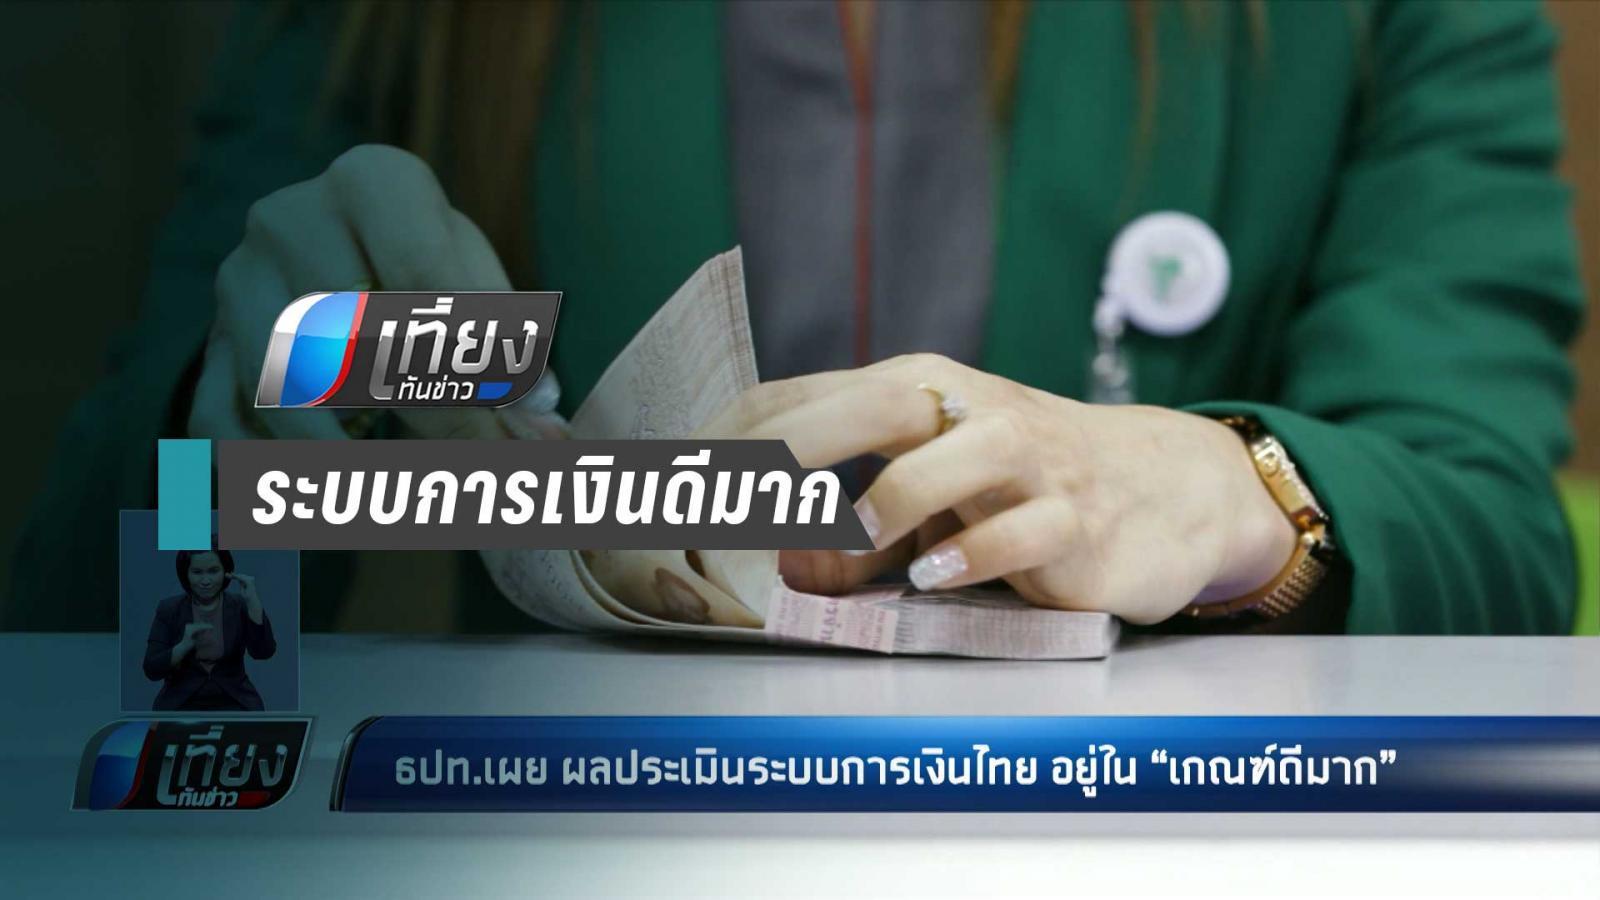 """แบงก์ชาติ เผย ผลประเมินระบบการเงินไทย อยู่ใน """"เกณฑ์ดีมาก"""""""